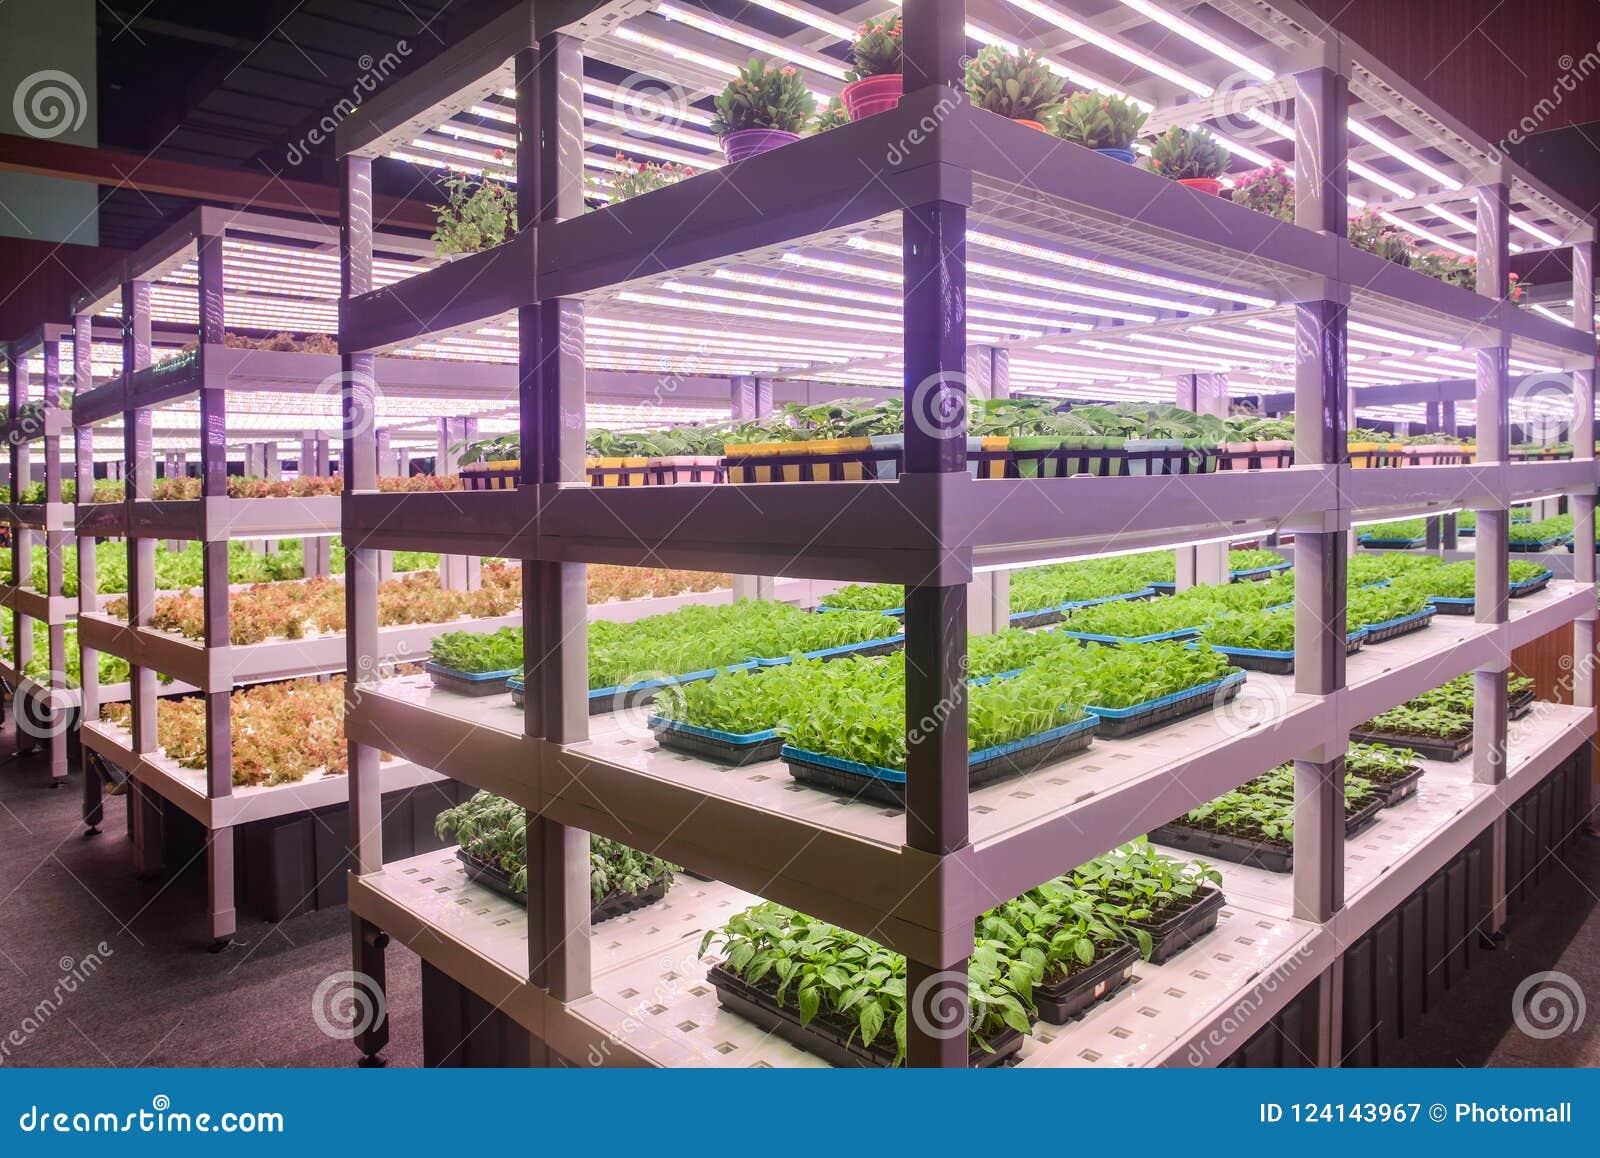 Используемая лампа приведенная выращивания растения на саженце